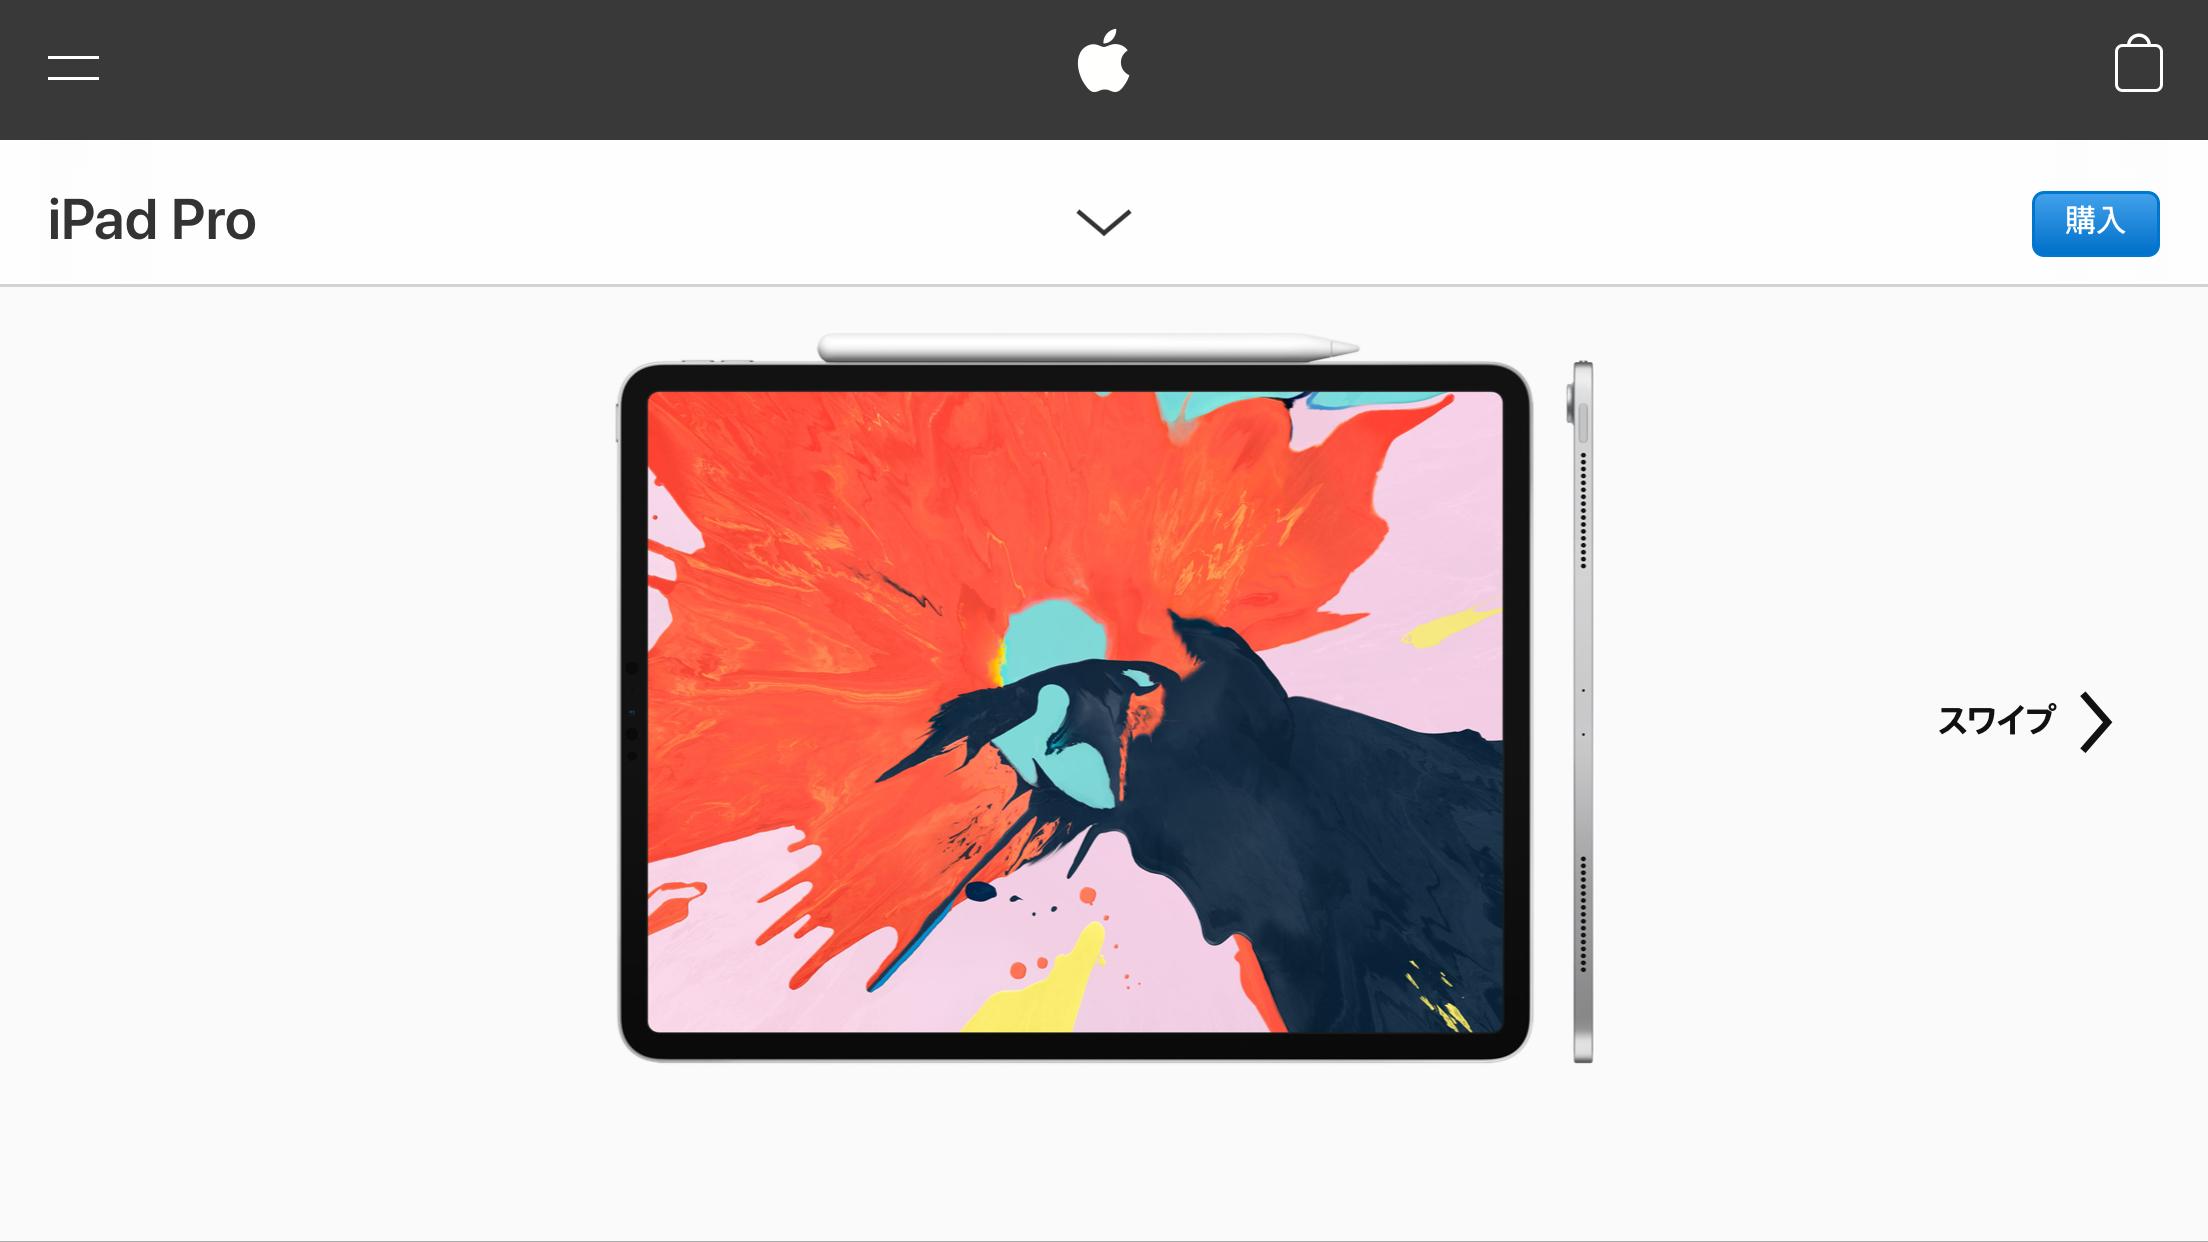 iPad Proのウェブページの横のスクリーンショット